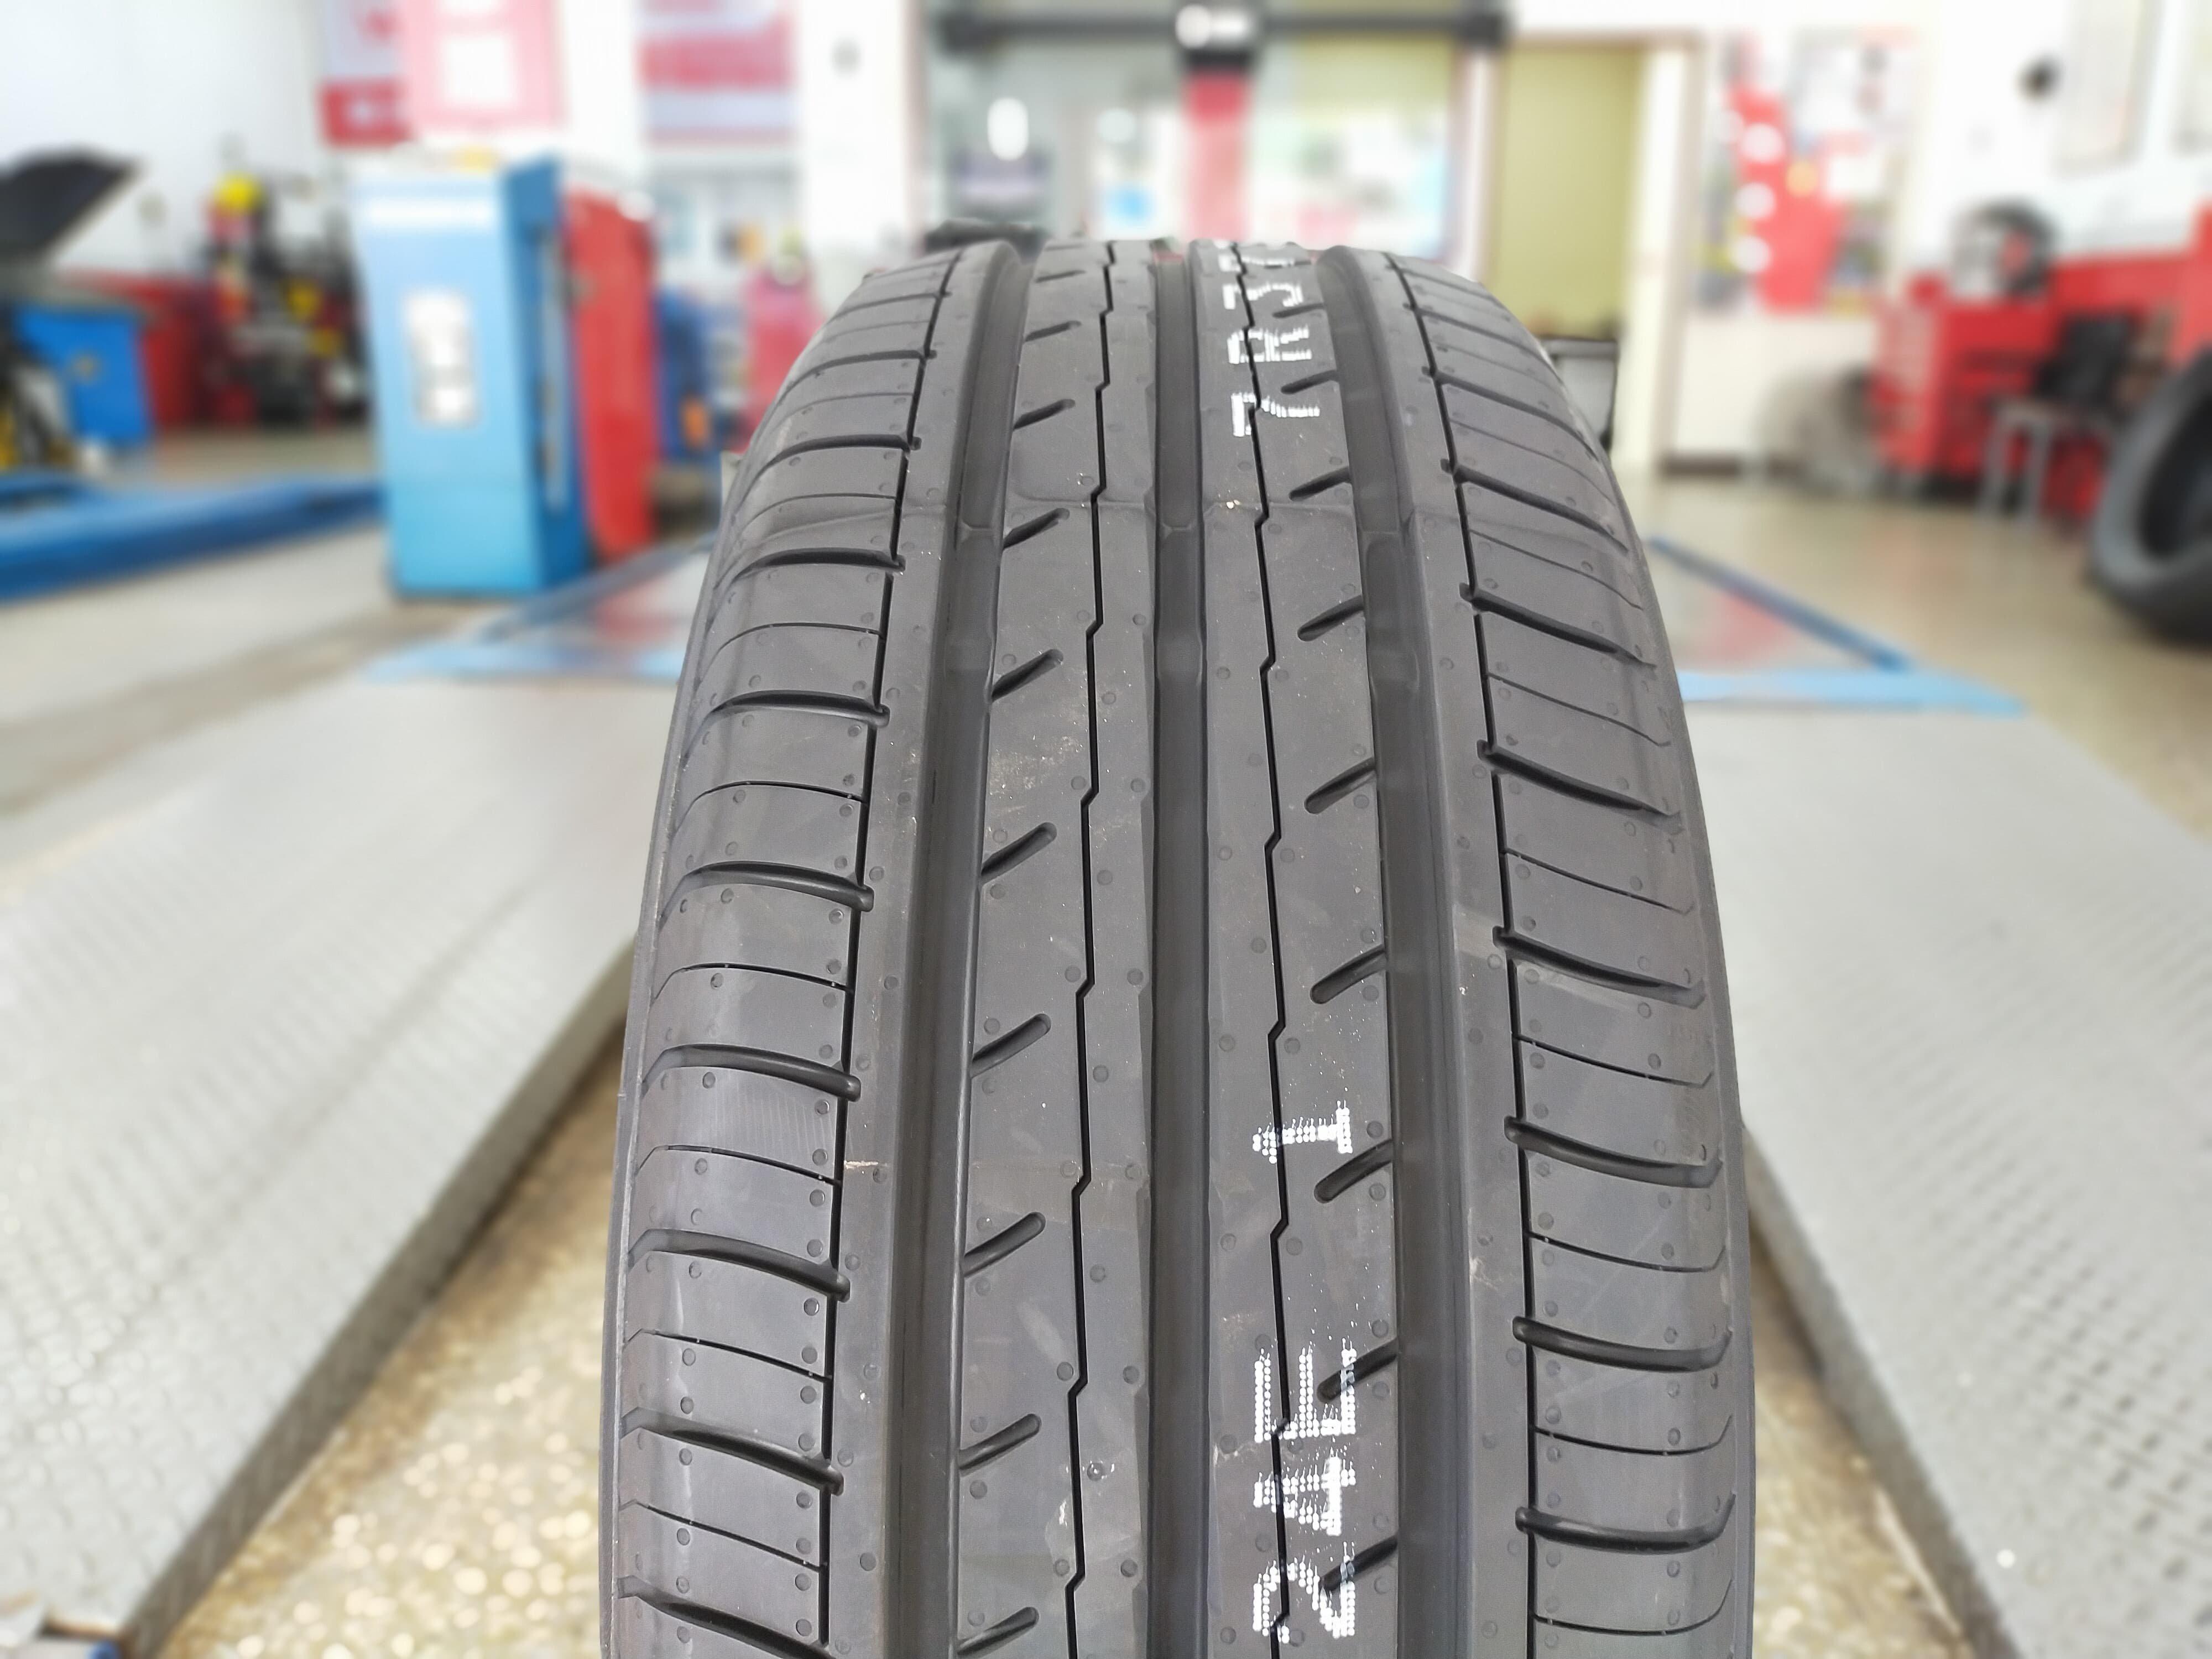 台北 順元輪胎 YOKOHAMA 橫濱 ES32 205/55/16 完工價3400元 含工資 換四條送定位